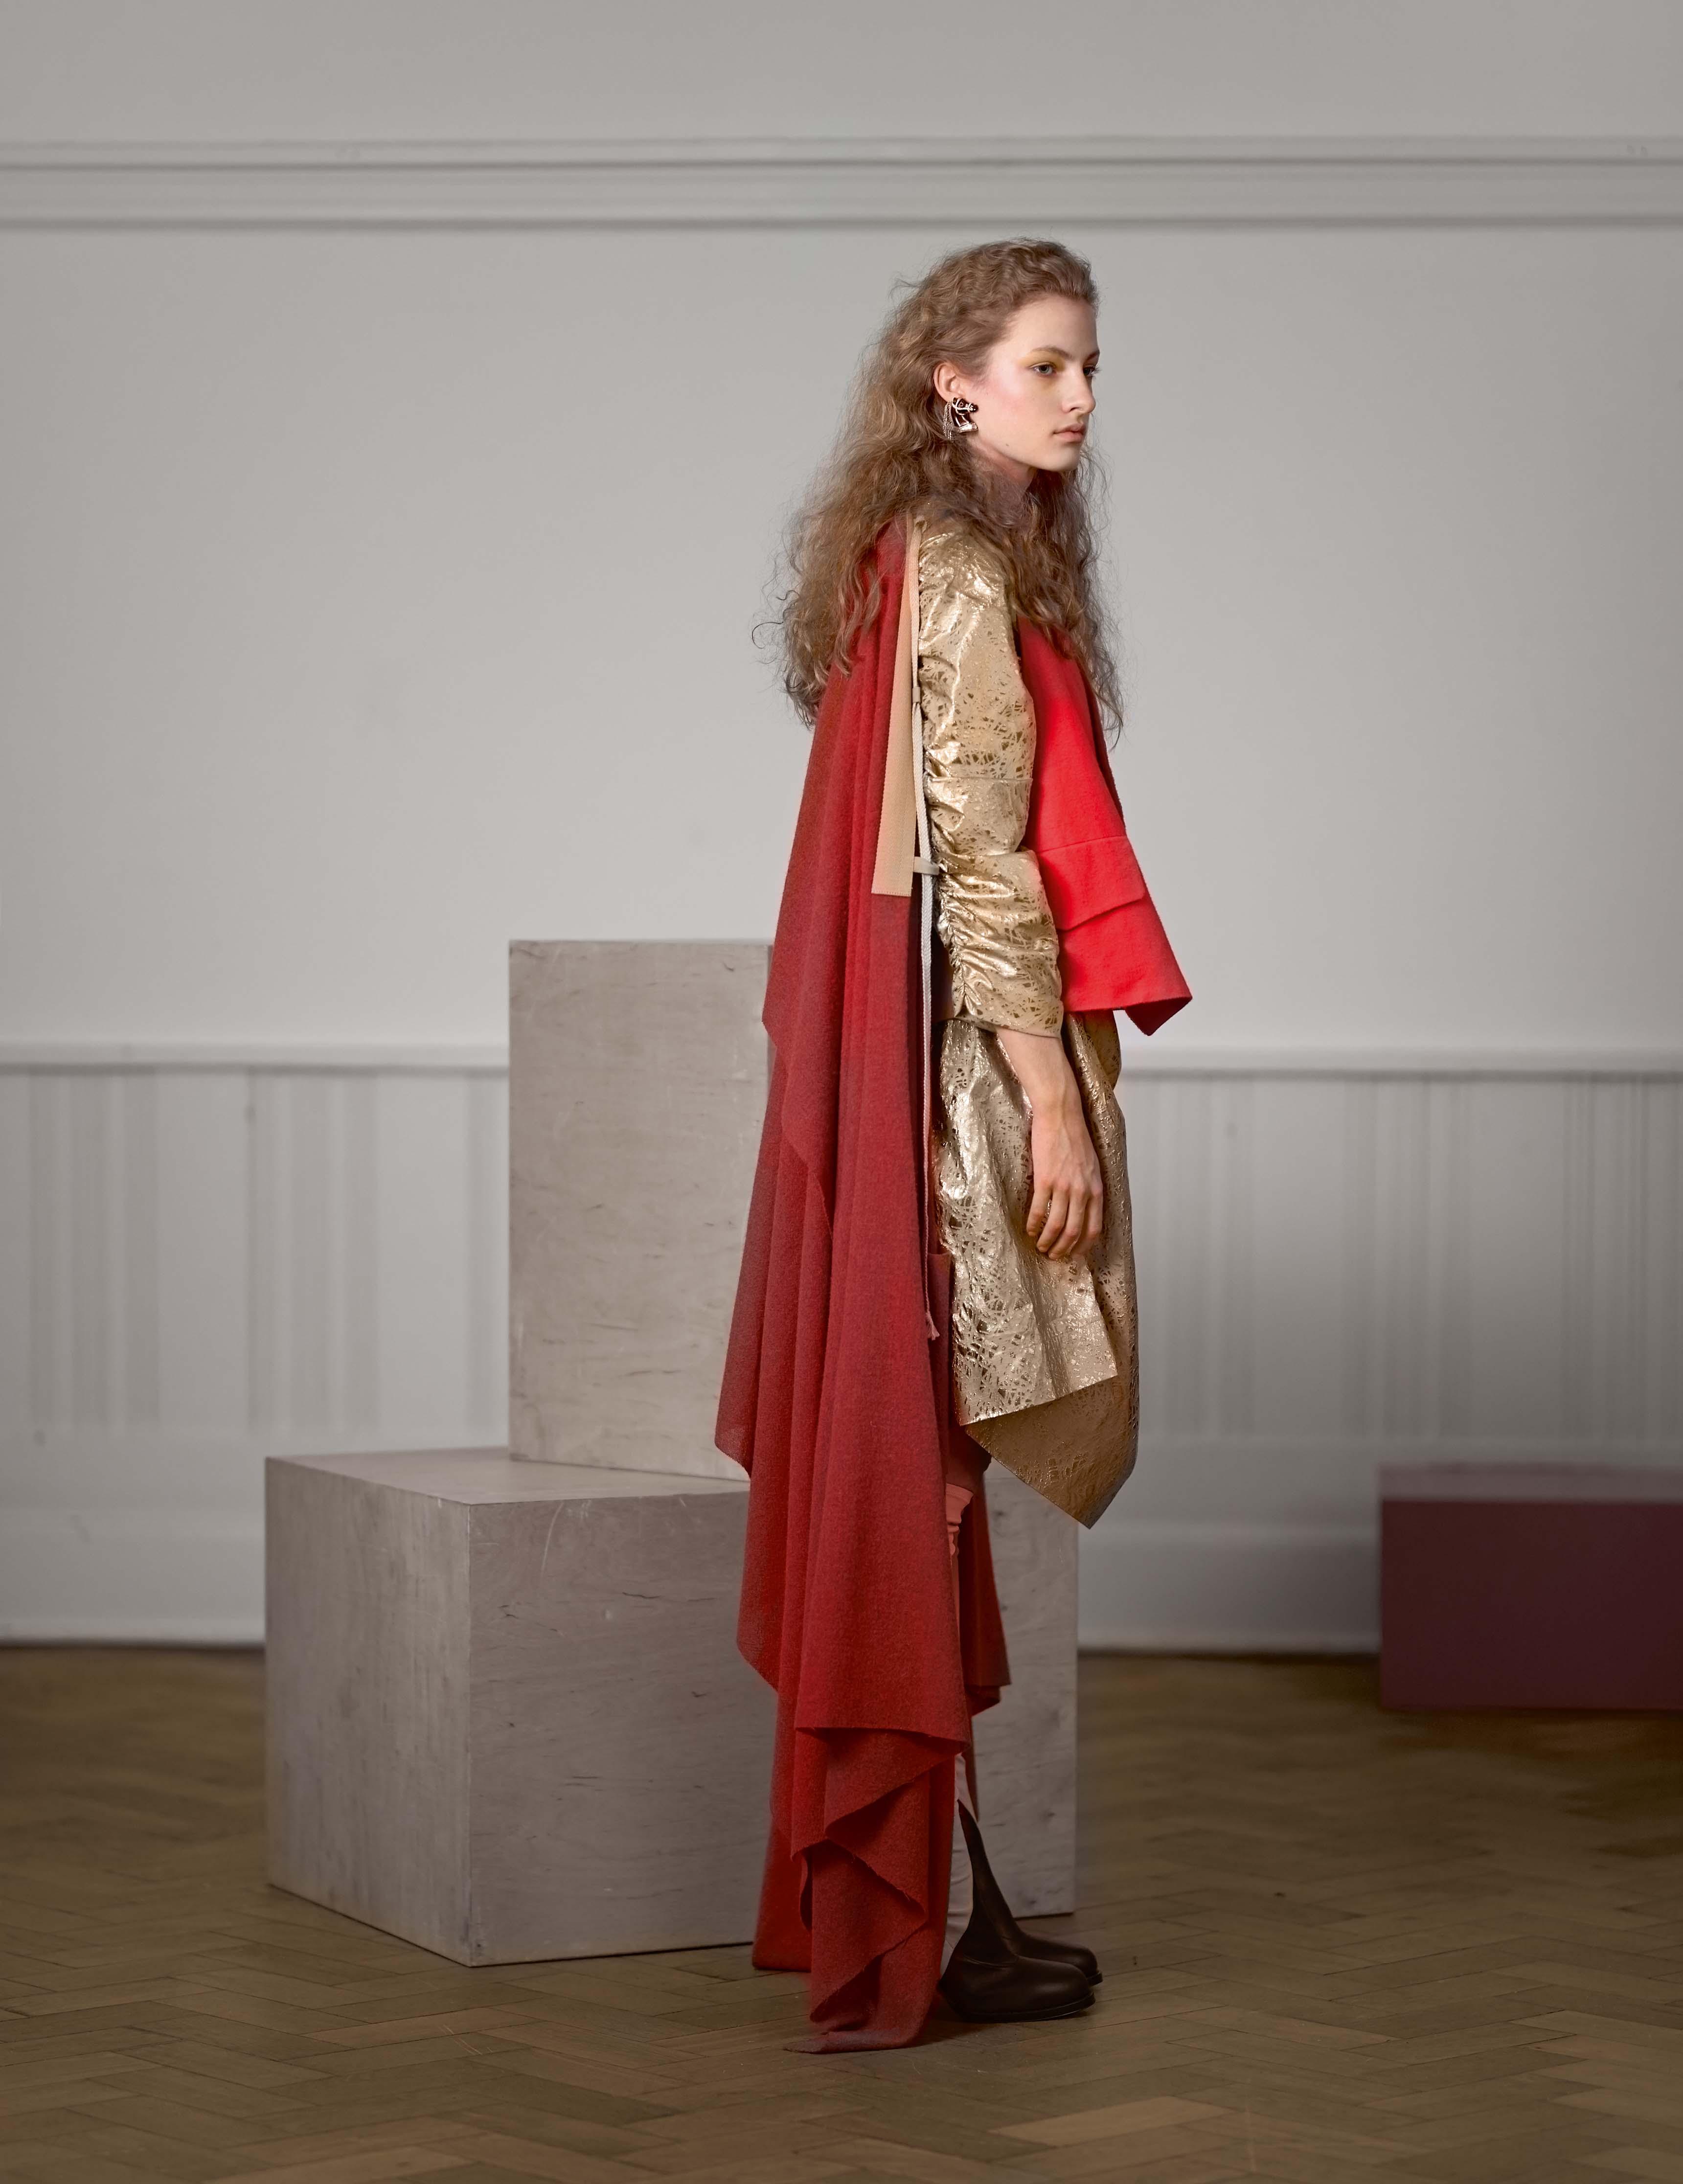 Cape avec gilet intégré en laine, robe en coton et soie, et boucle d'oreille, VIVIENNE WESTWOOD. Bottes, CÉLINE.